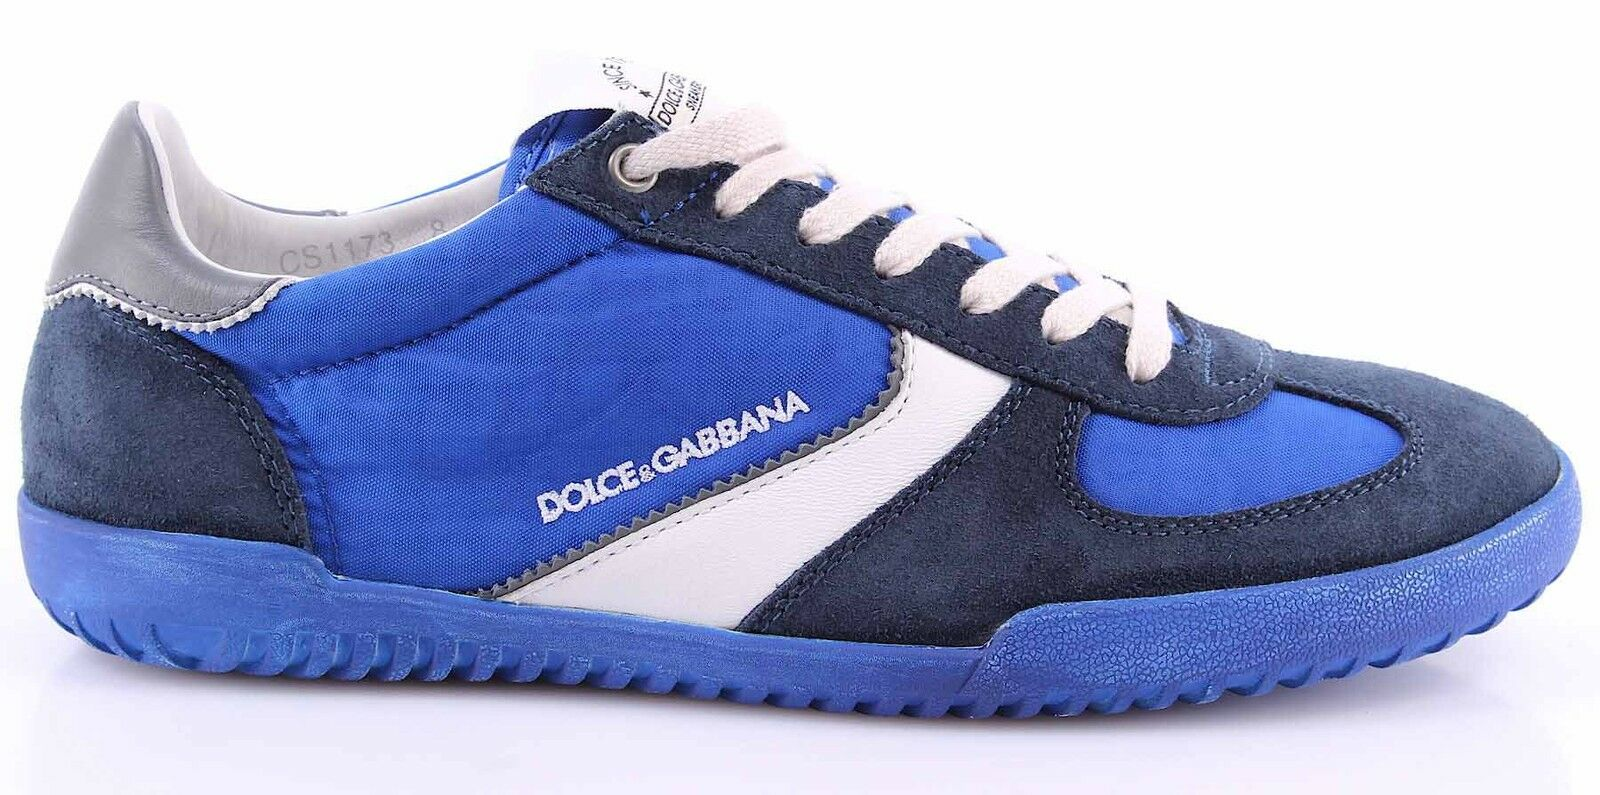 Men's Sneakers Shoes DOLCE & GABBANA Suede Canvas Bluette